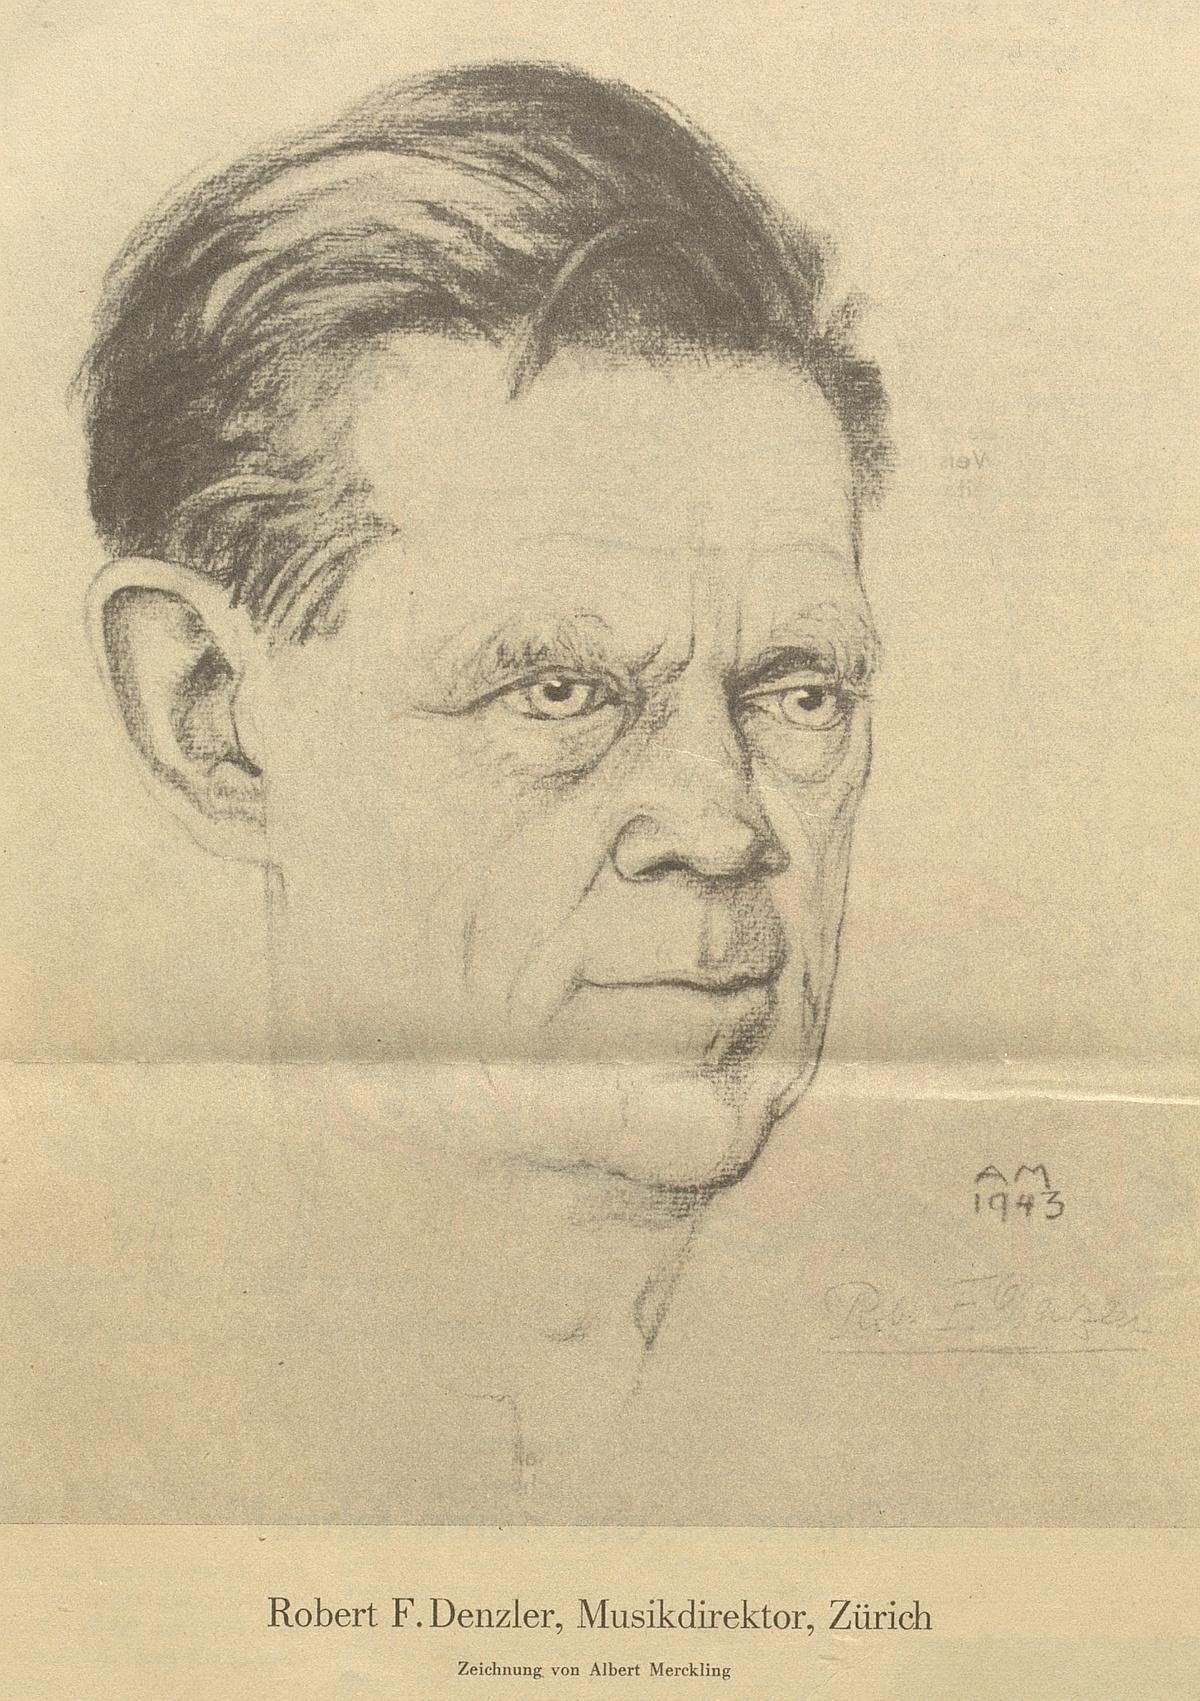 Robert DENZLER, illustration de Albert Merckling parue dans le Nebelspalter de 1944, cahier 21, page 22, cliquer pour voir l'original